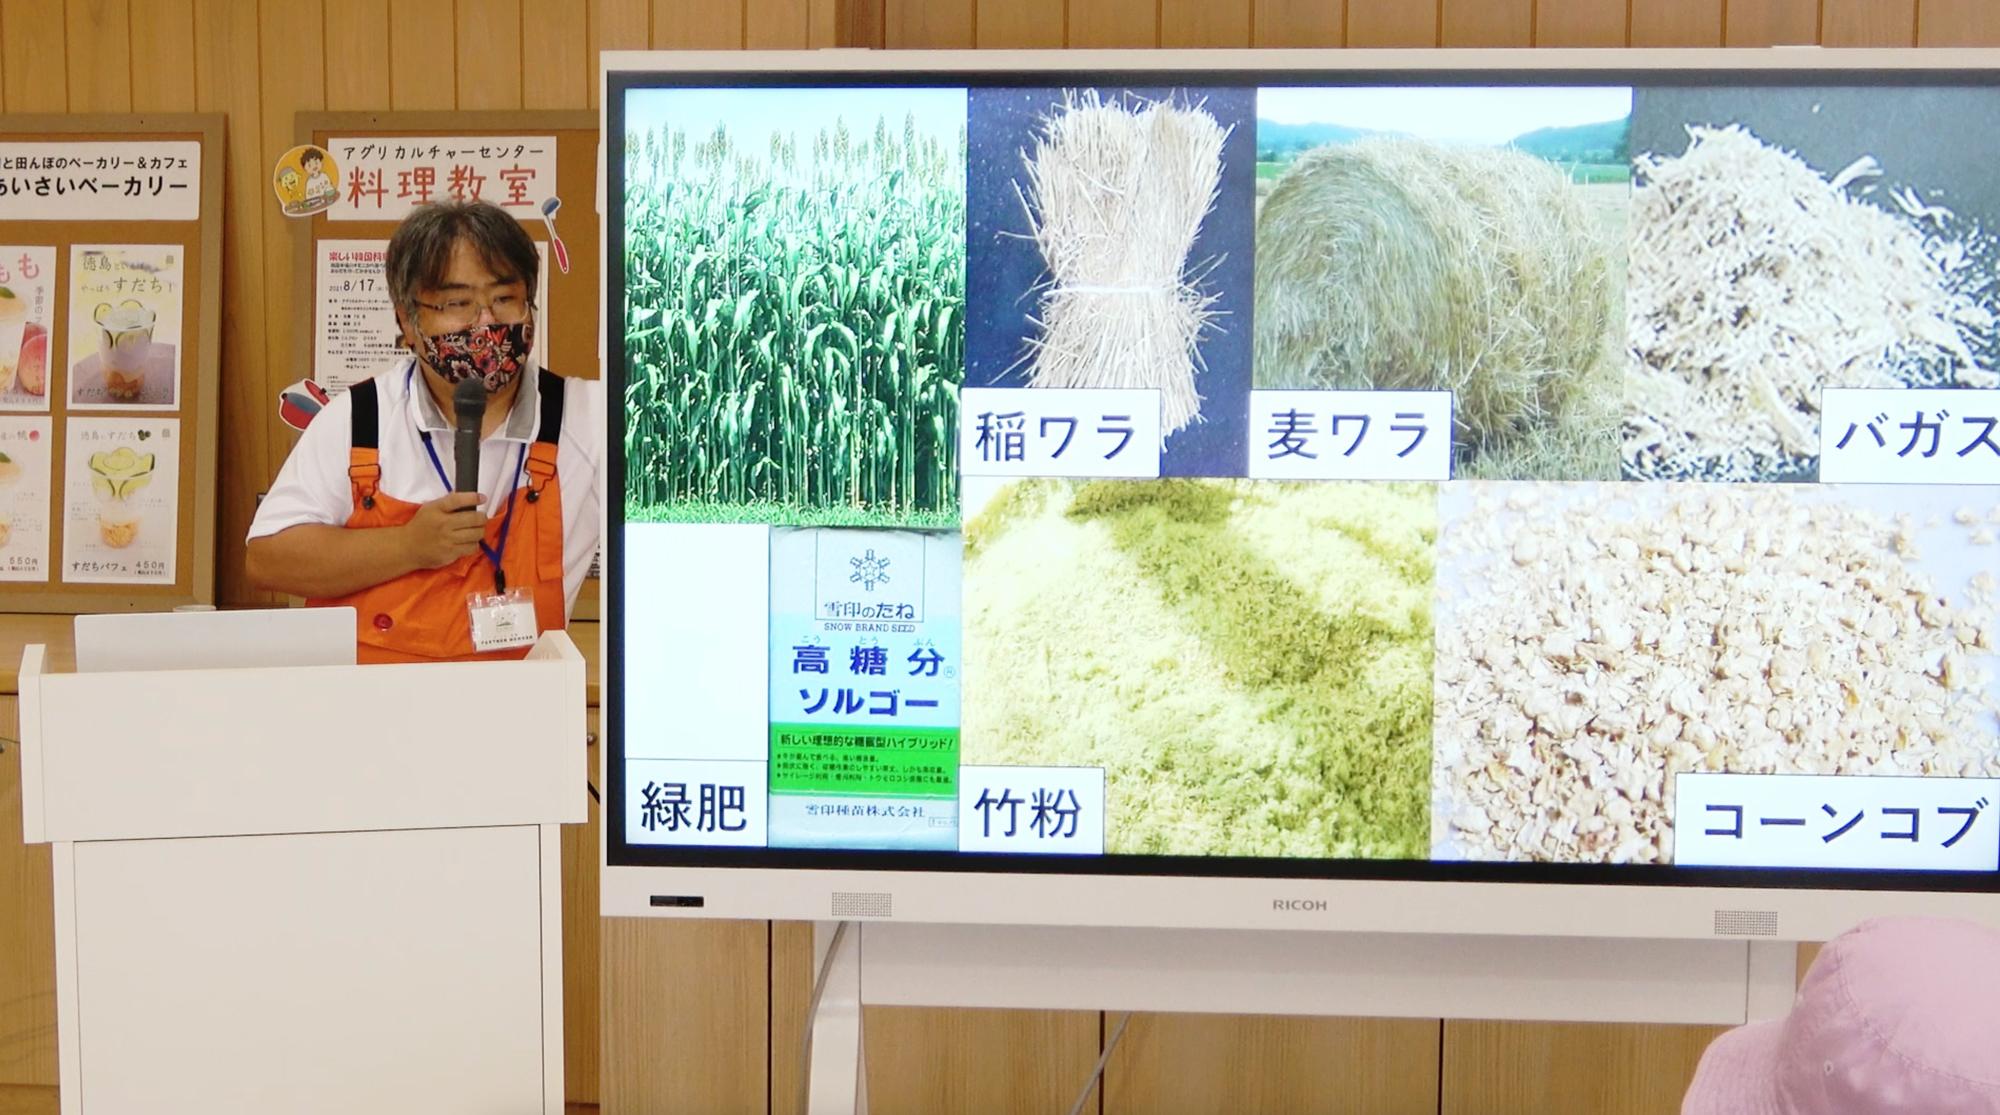 8月14日「BLOF勉強会【楽しく!学び! 美味しい野菜を作ろう!】」を実施